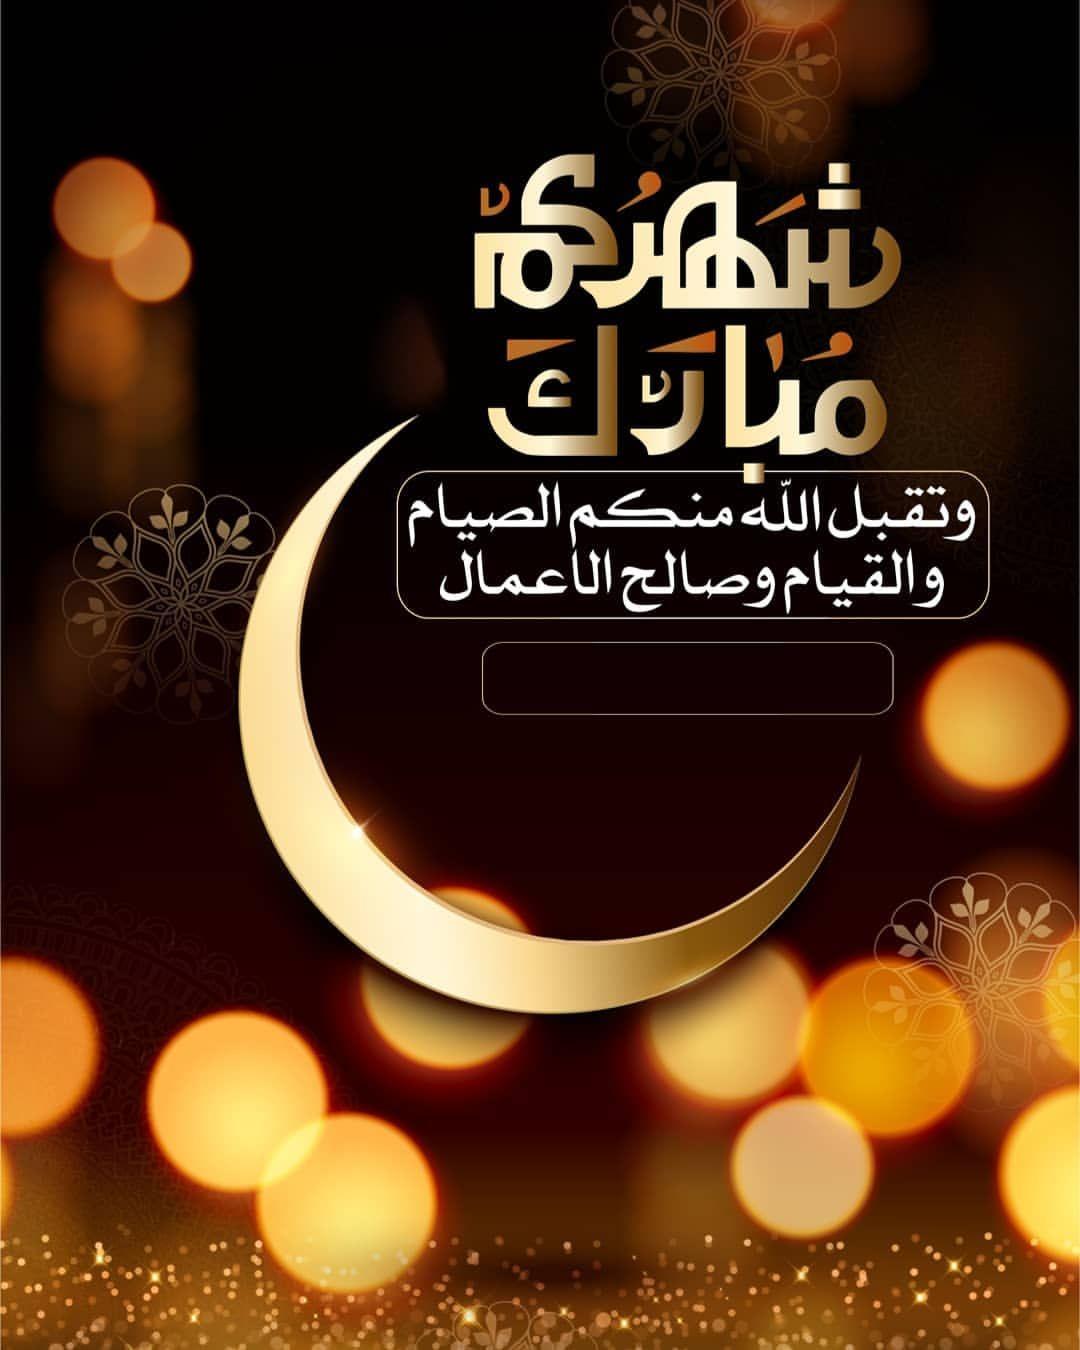 بطاقة تهنئة بمناسبة شهر رمضان وجاهزه لاضافة الاسم اهداء مني لكم وبدون حقوق رمضان كريم رم Ramadan Images Ramadan Kareem Pictures Ramadan Kareem